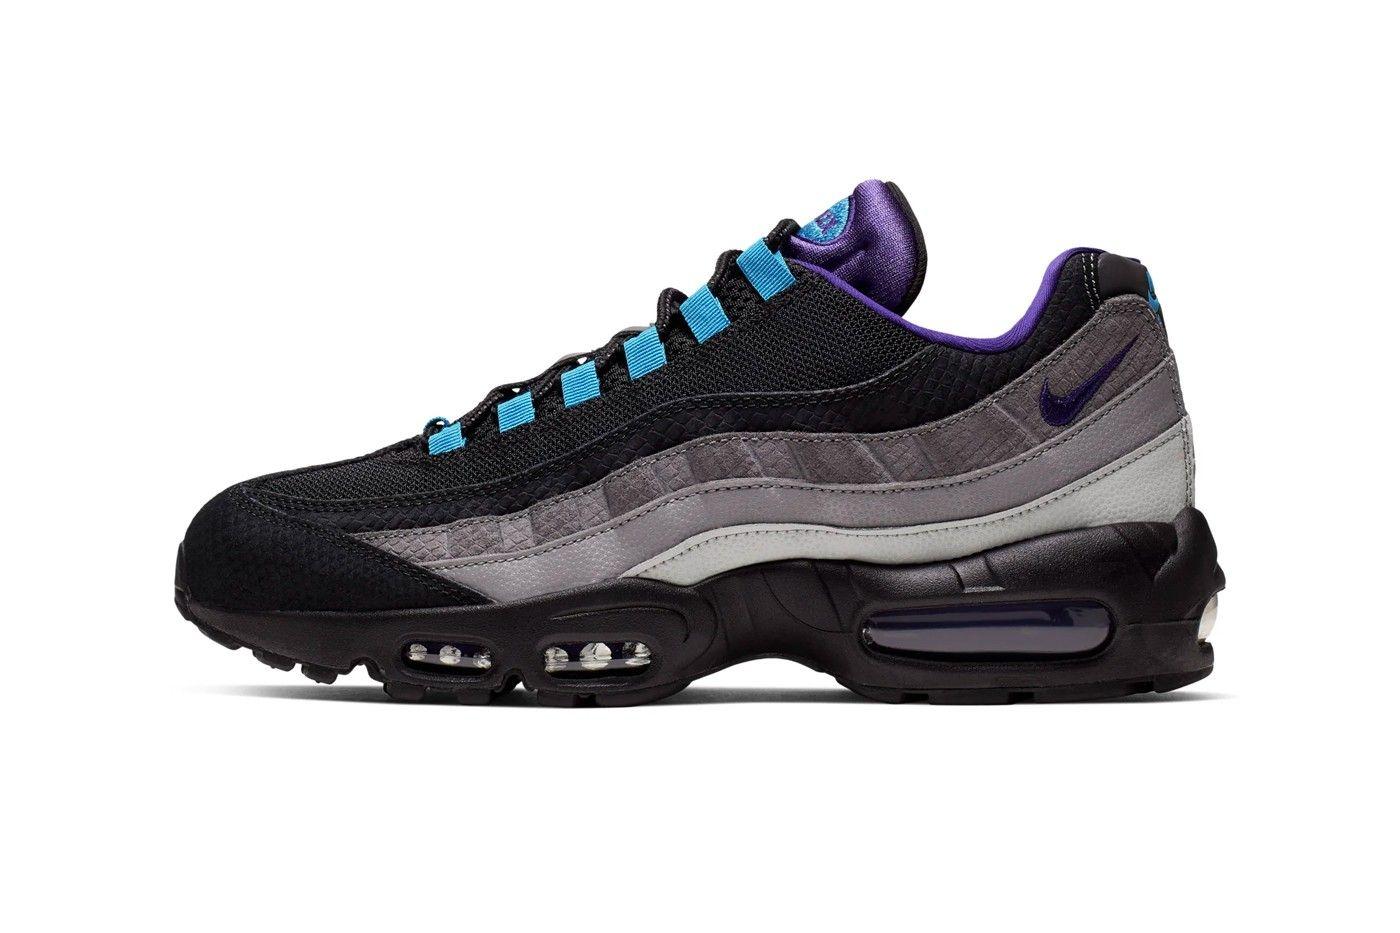 Nike Air Max 95 blu